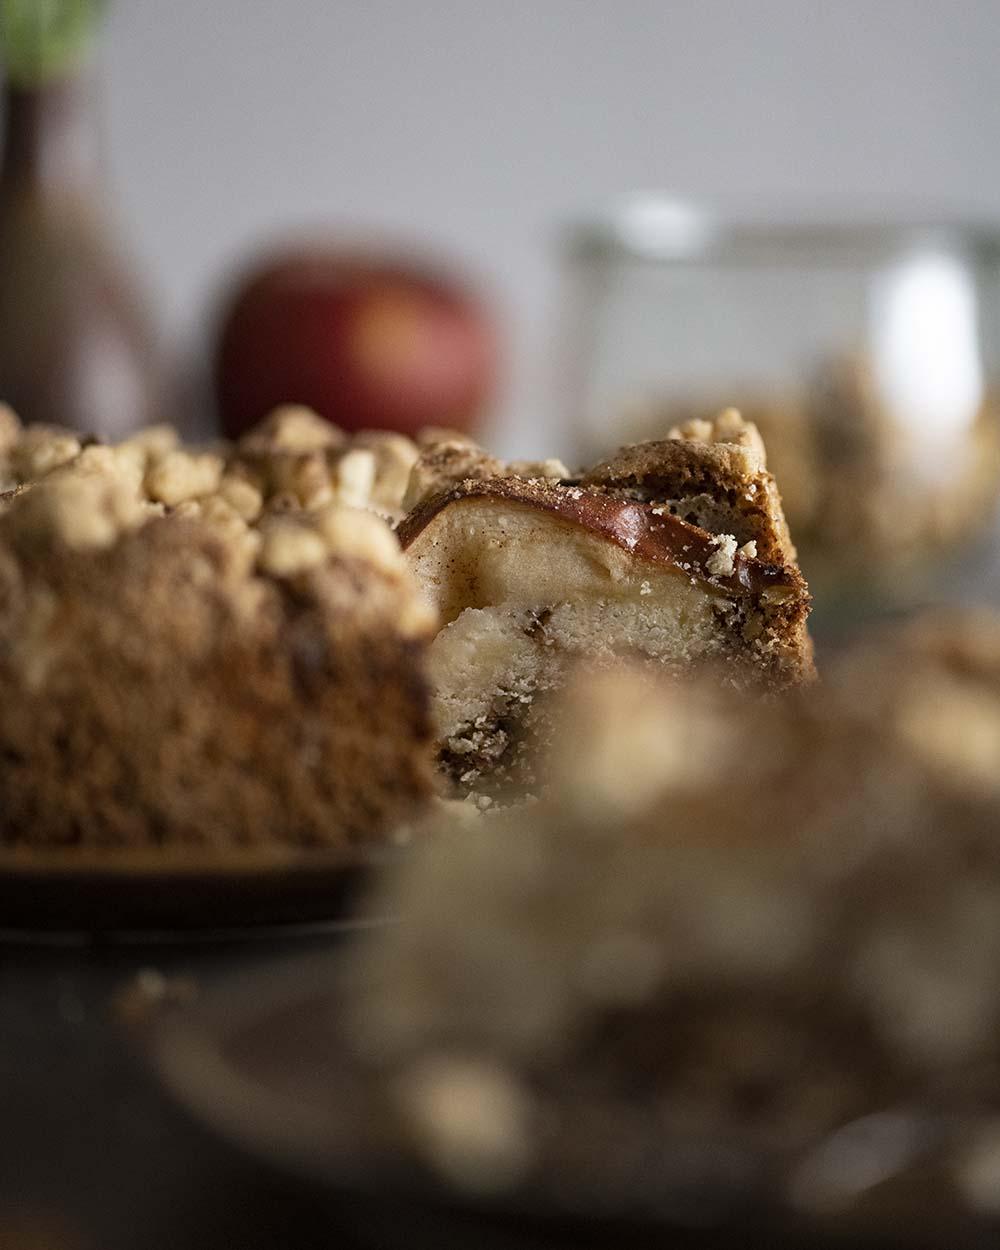 Wir haben auf die ganzen Äpfel fokussiert, die wir auf unseren Apfel Streusel Kuchen geben. Der Kuchen steht auf der Kaffeetafel und ist angeschnitten.